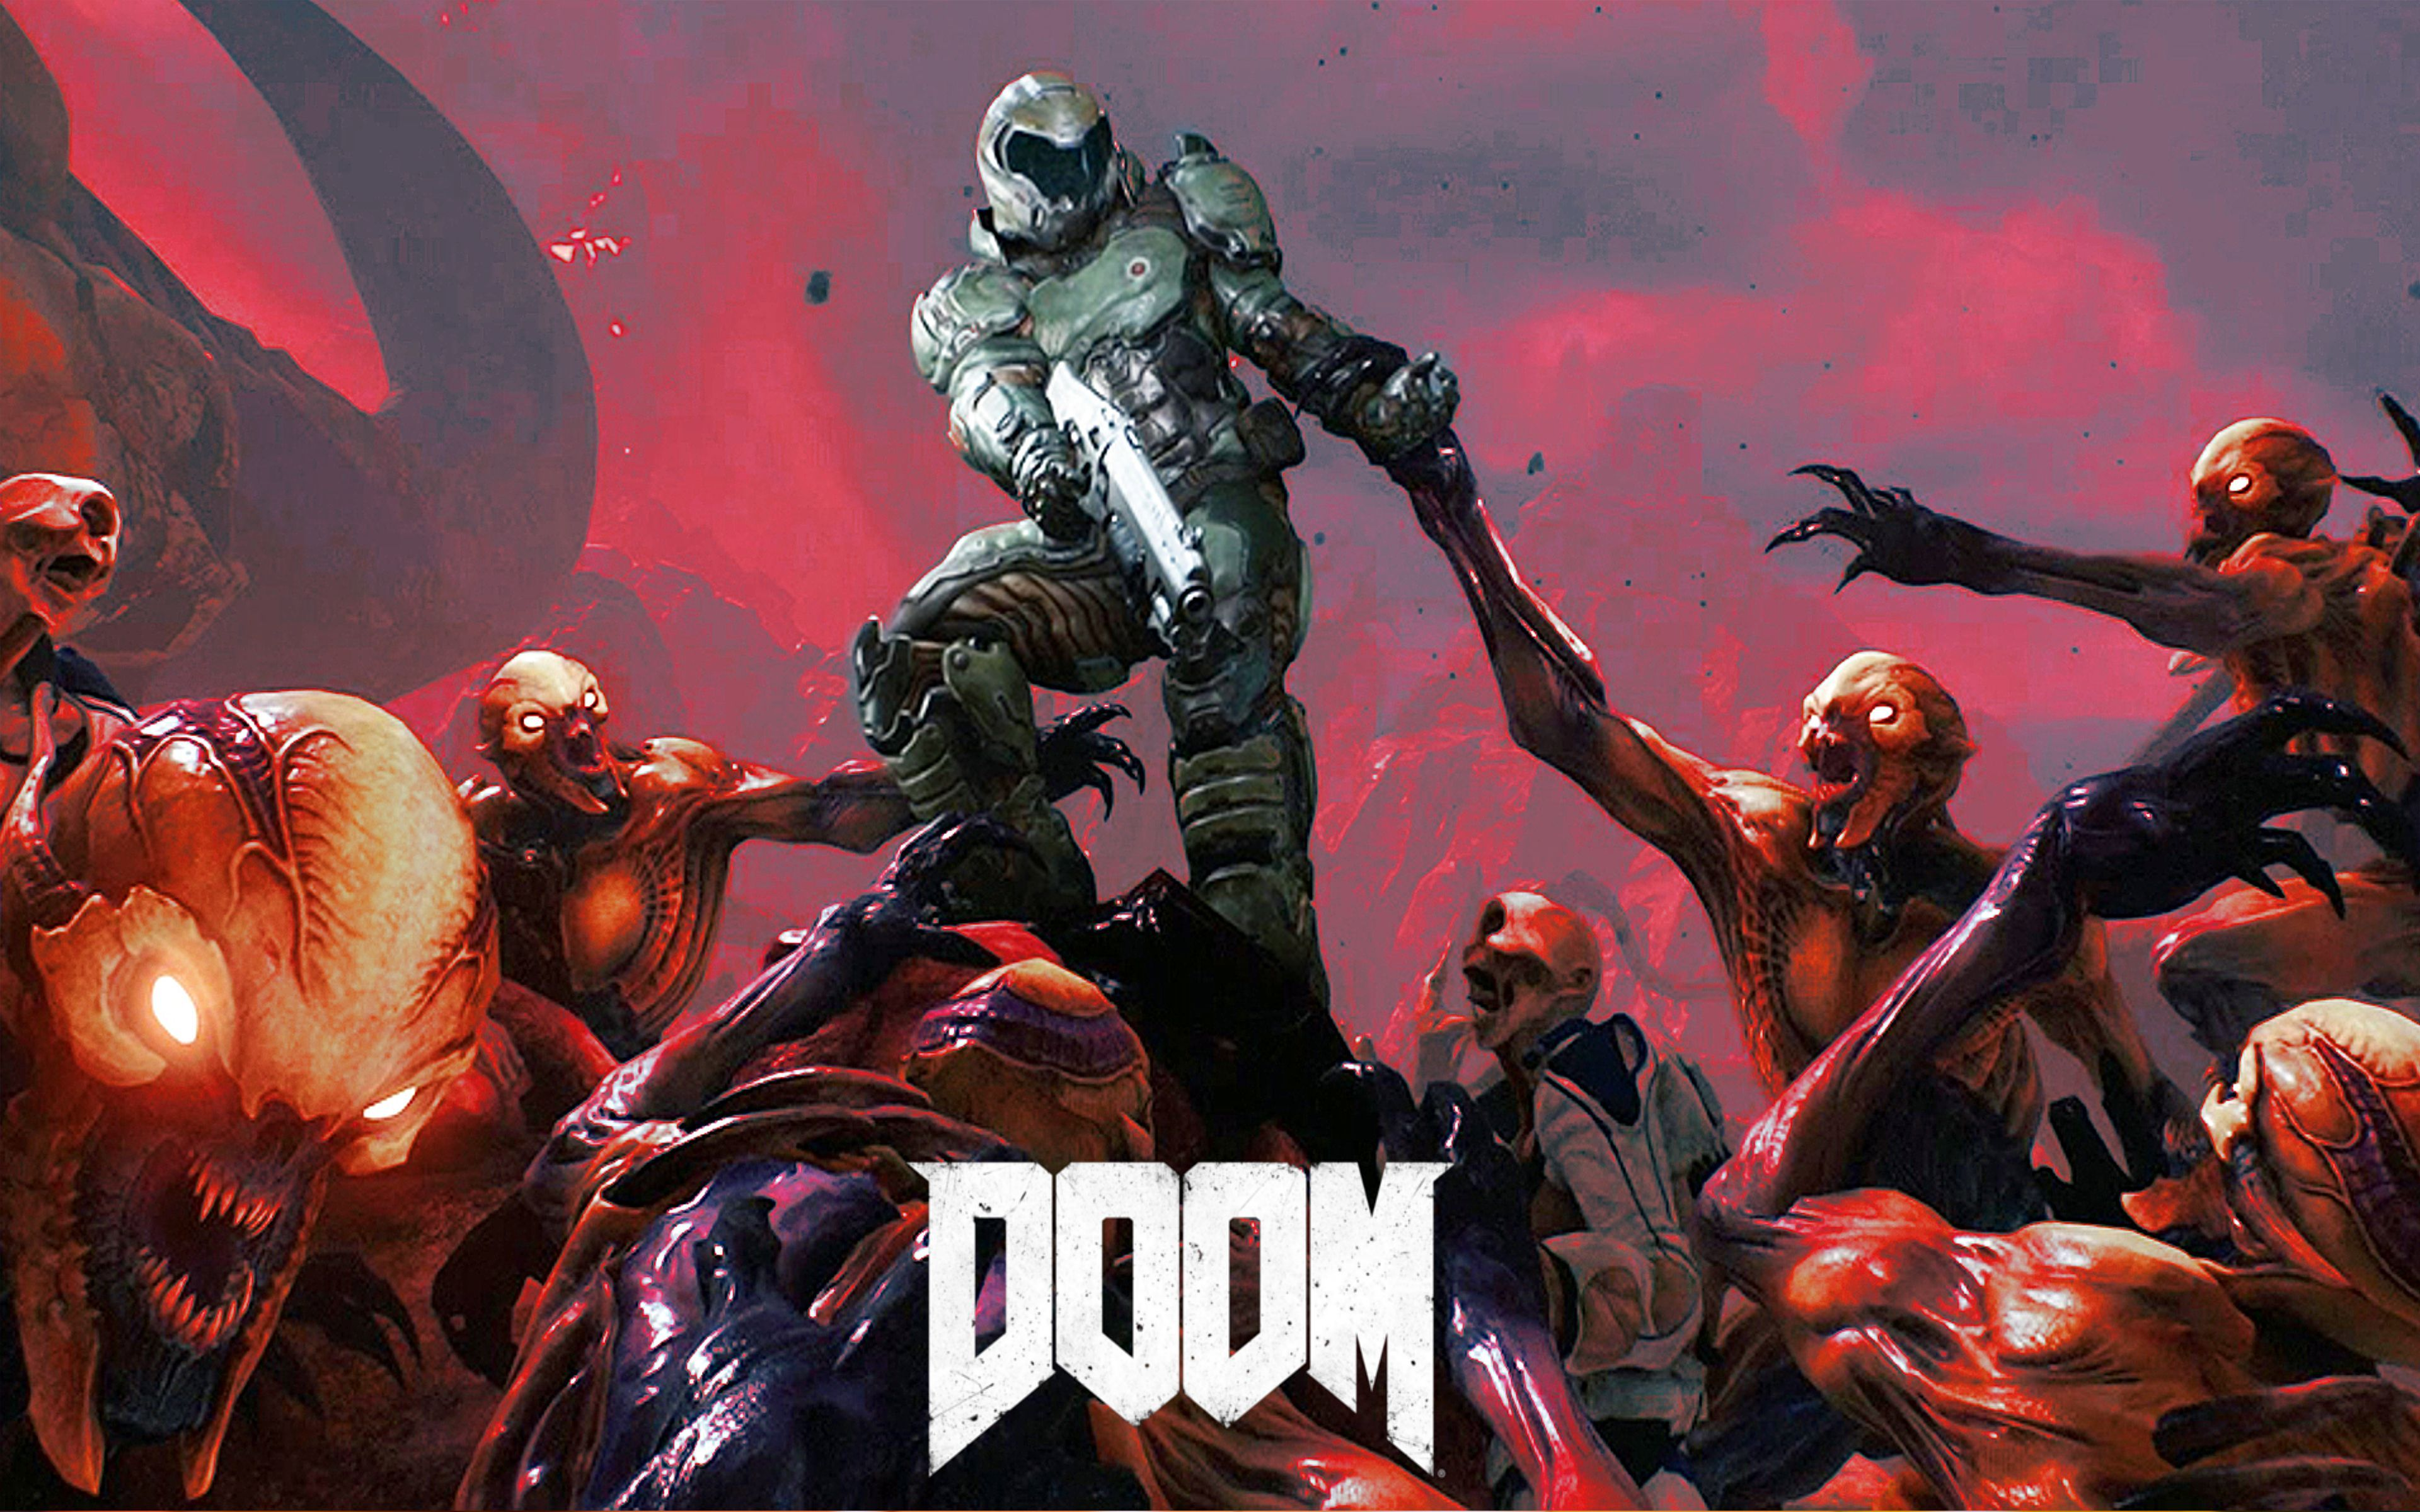 7680 Doom Slayer Wallpapers - Top Free 7680 Doom Slayer ...